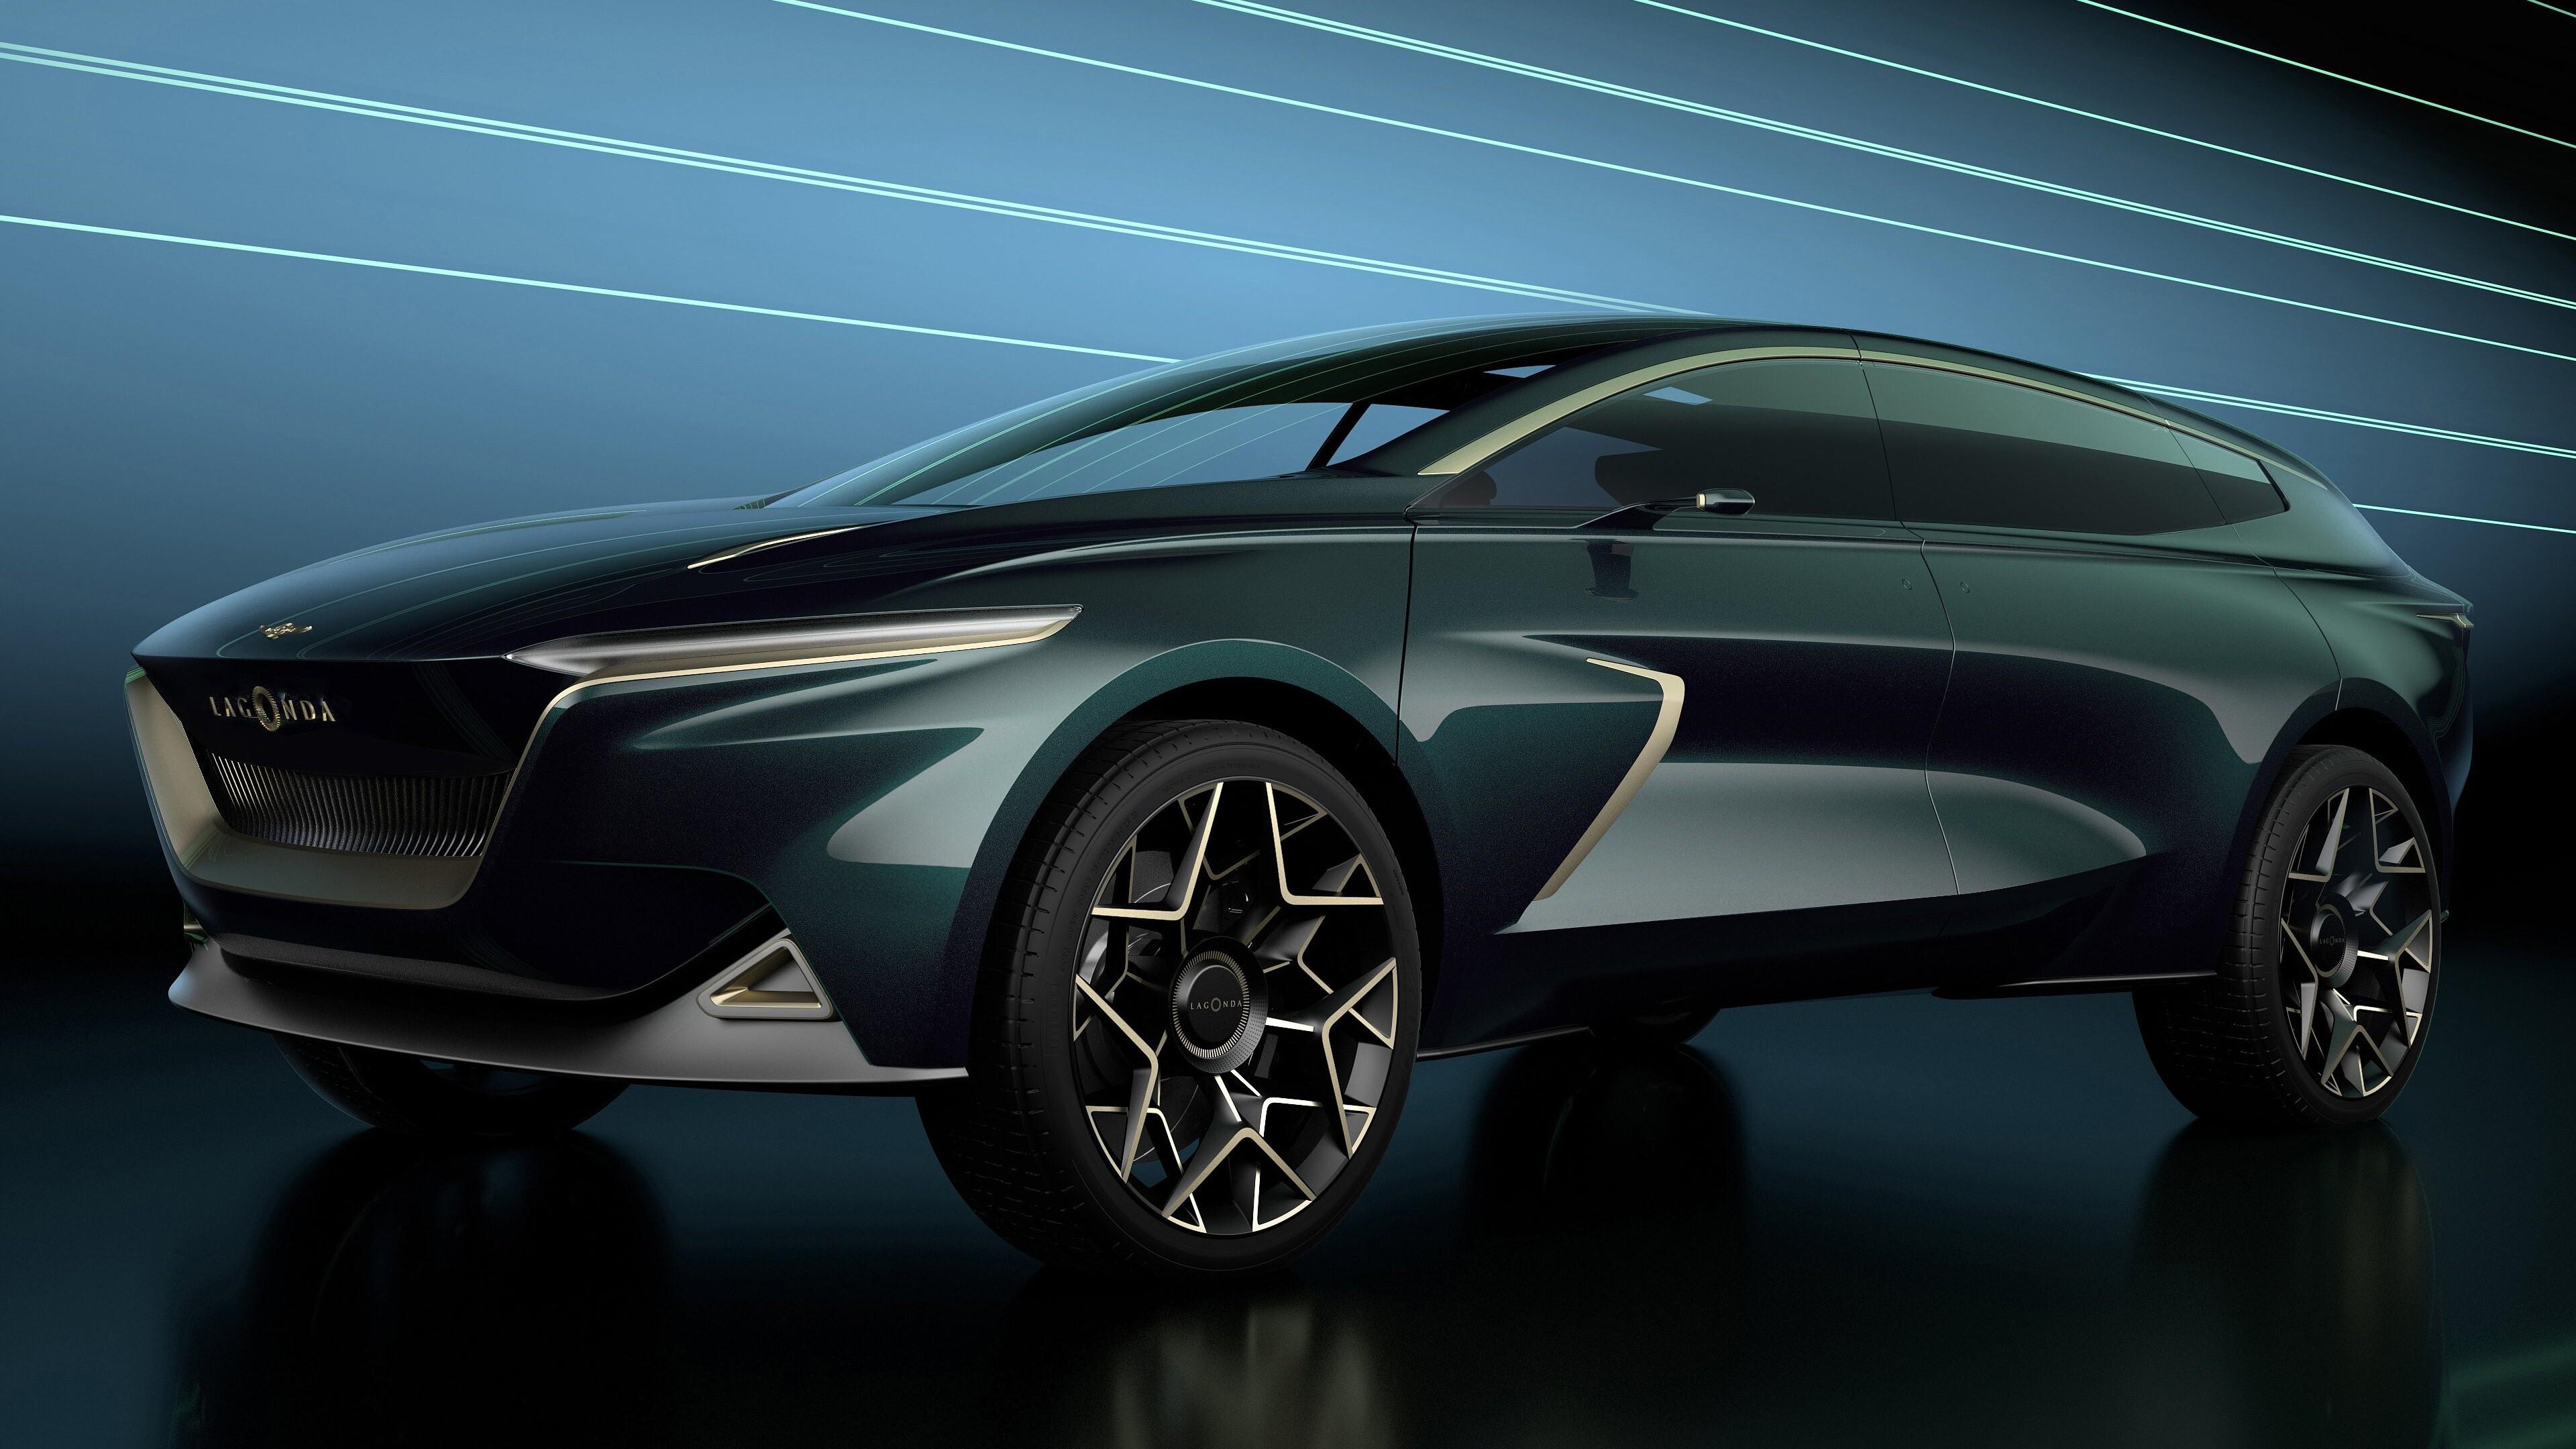 4k Wallpaper Of 2019 Aston Martin Lagonda All Terrain Concept Suv